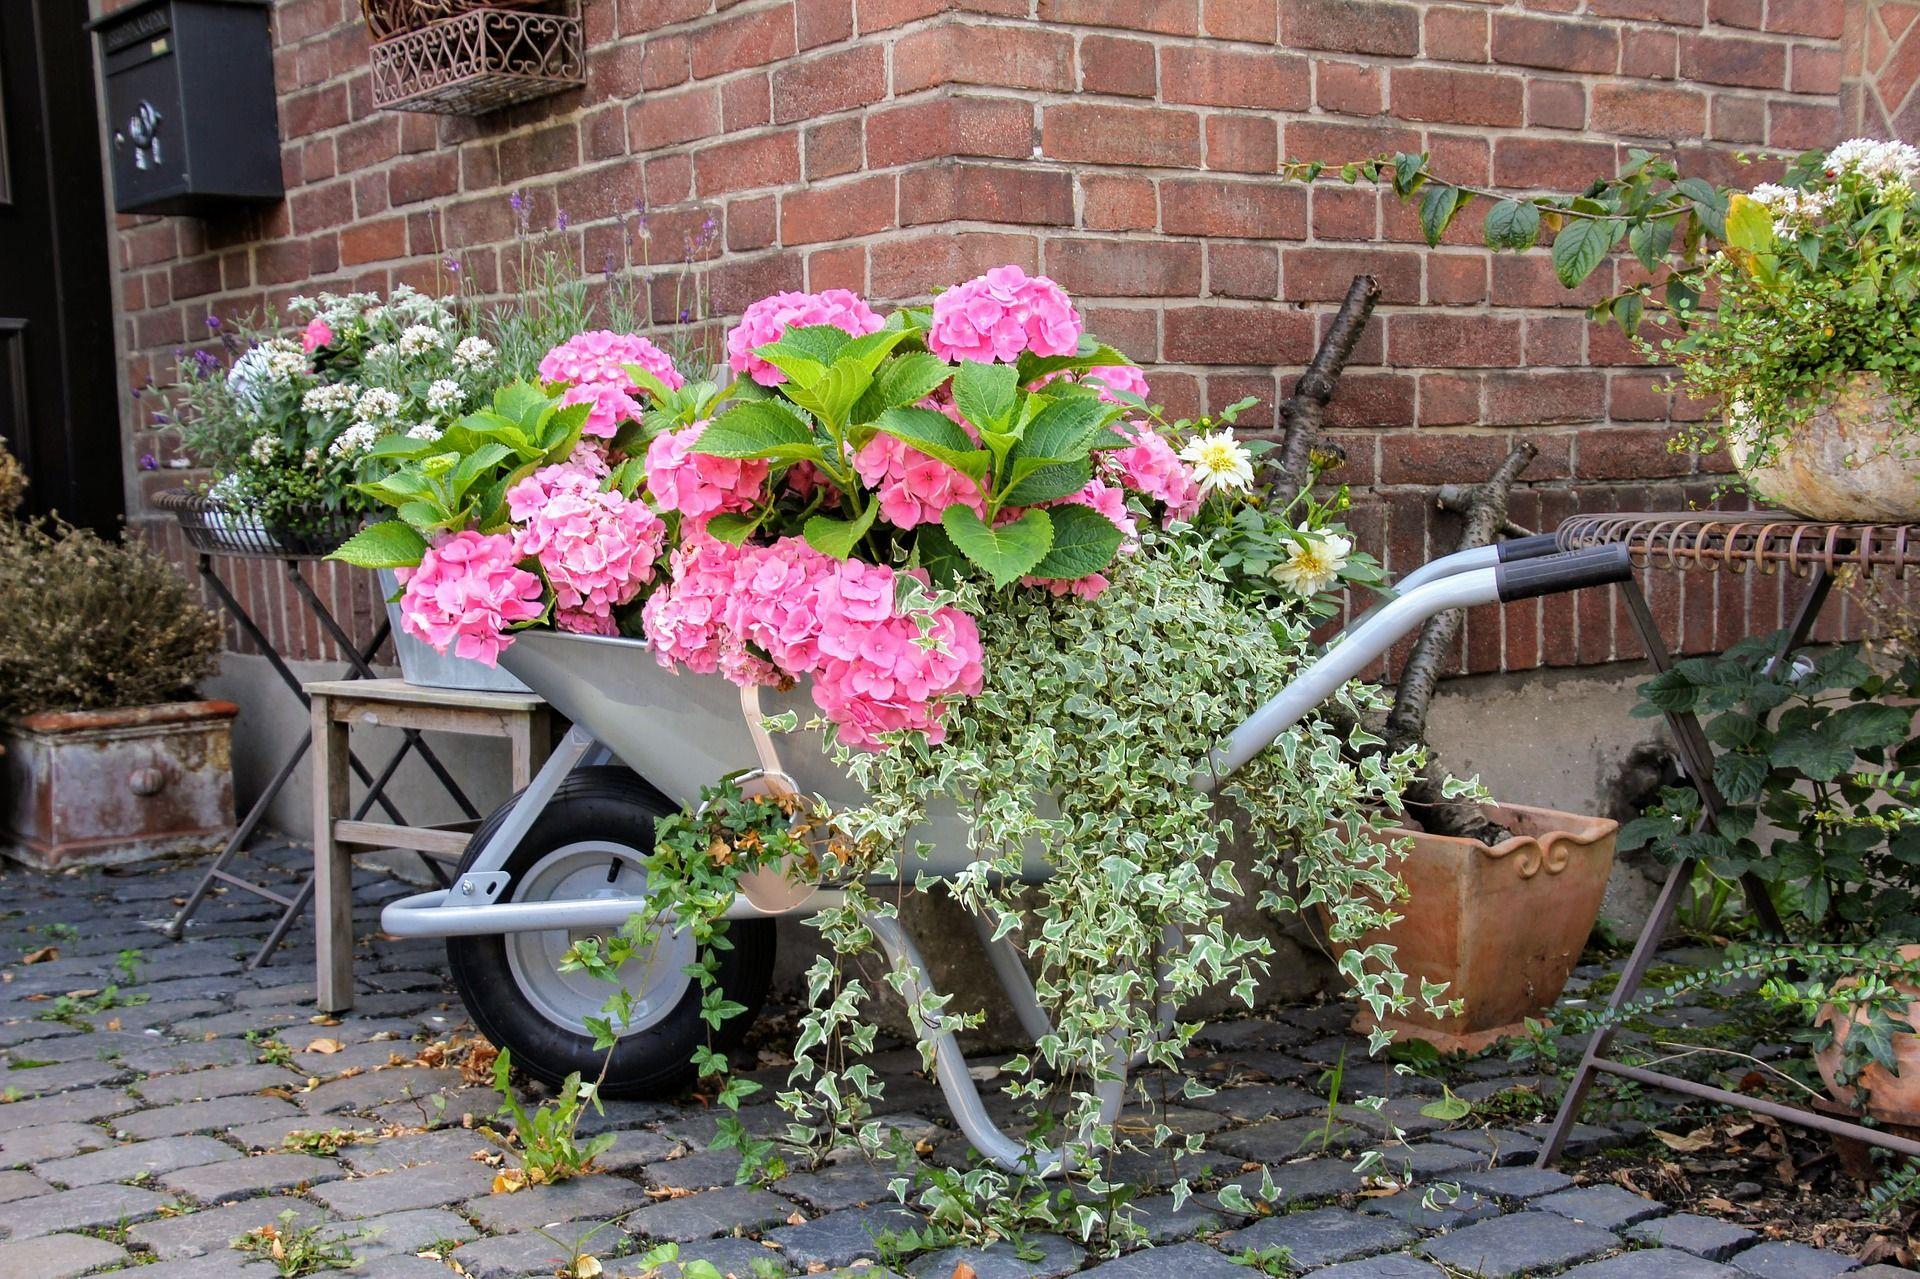 Carretillas Con Flores Para Adornar El Jardin Succulent Avenue - Como-decorar-un-jardin-con-plantas-y-flores